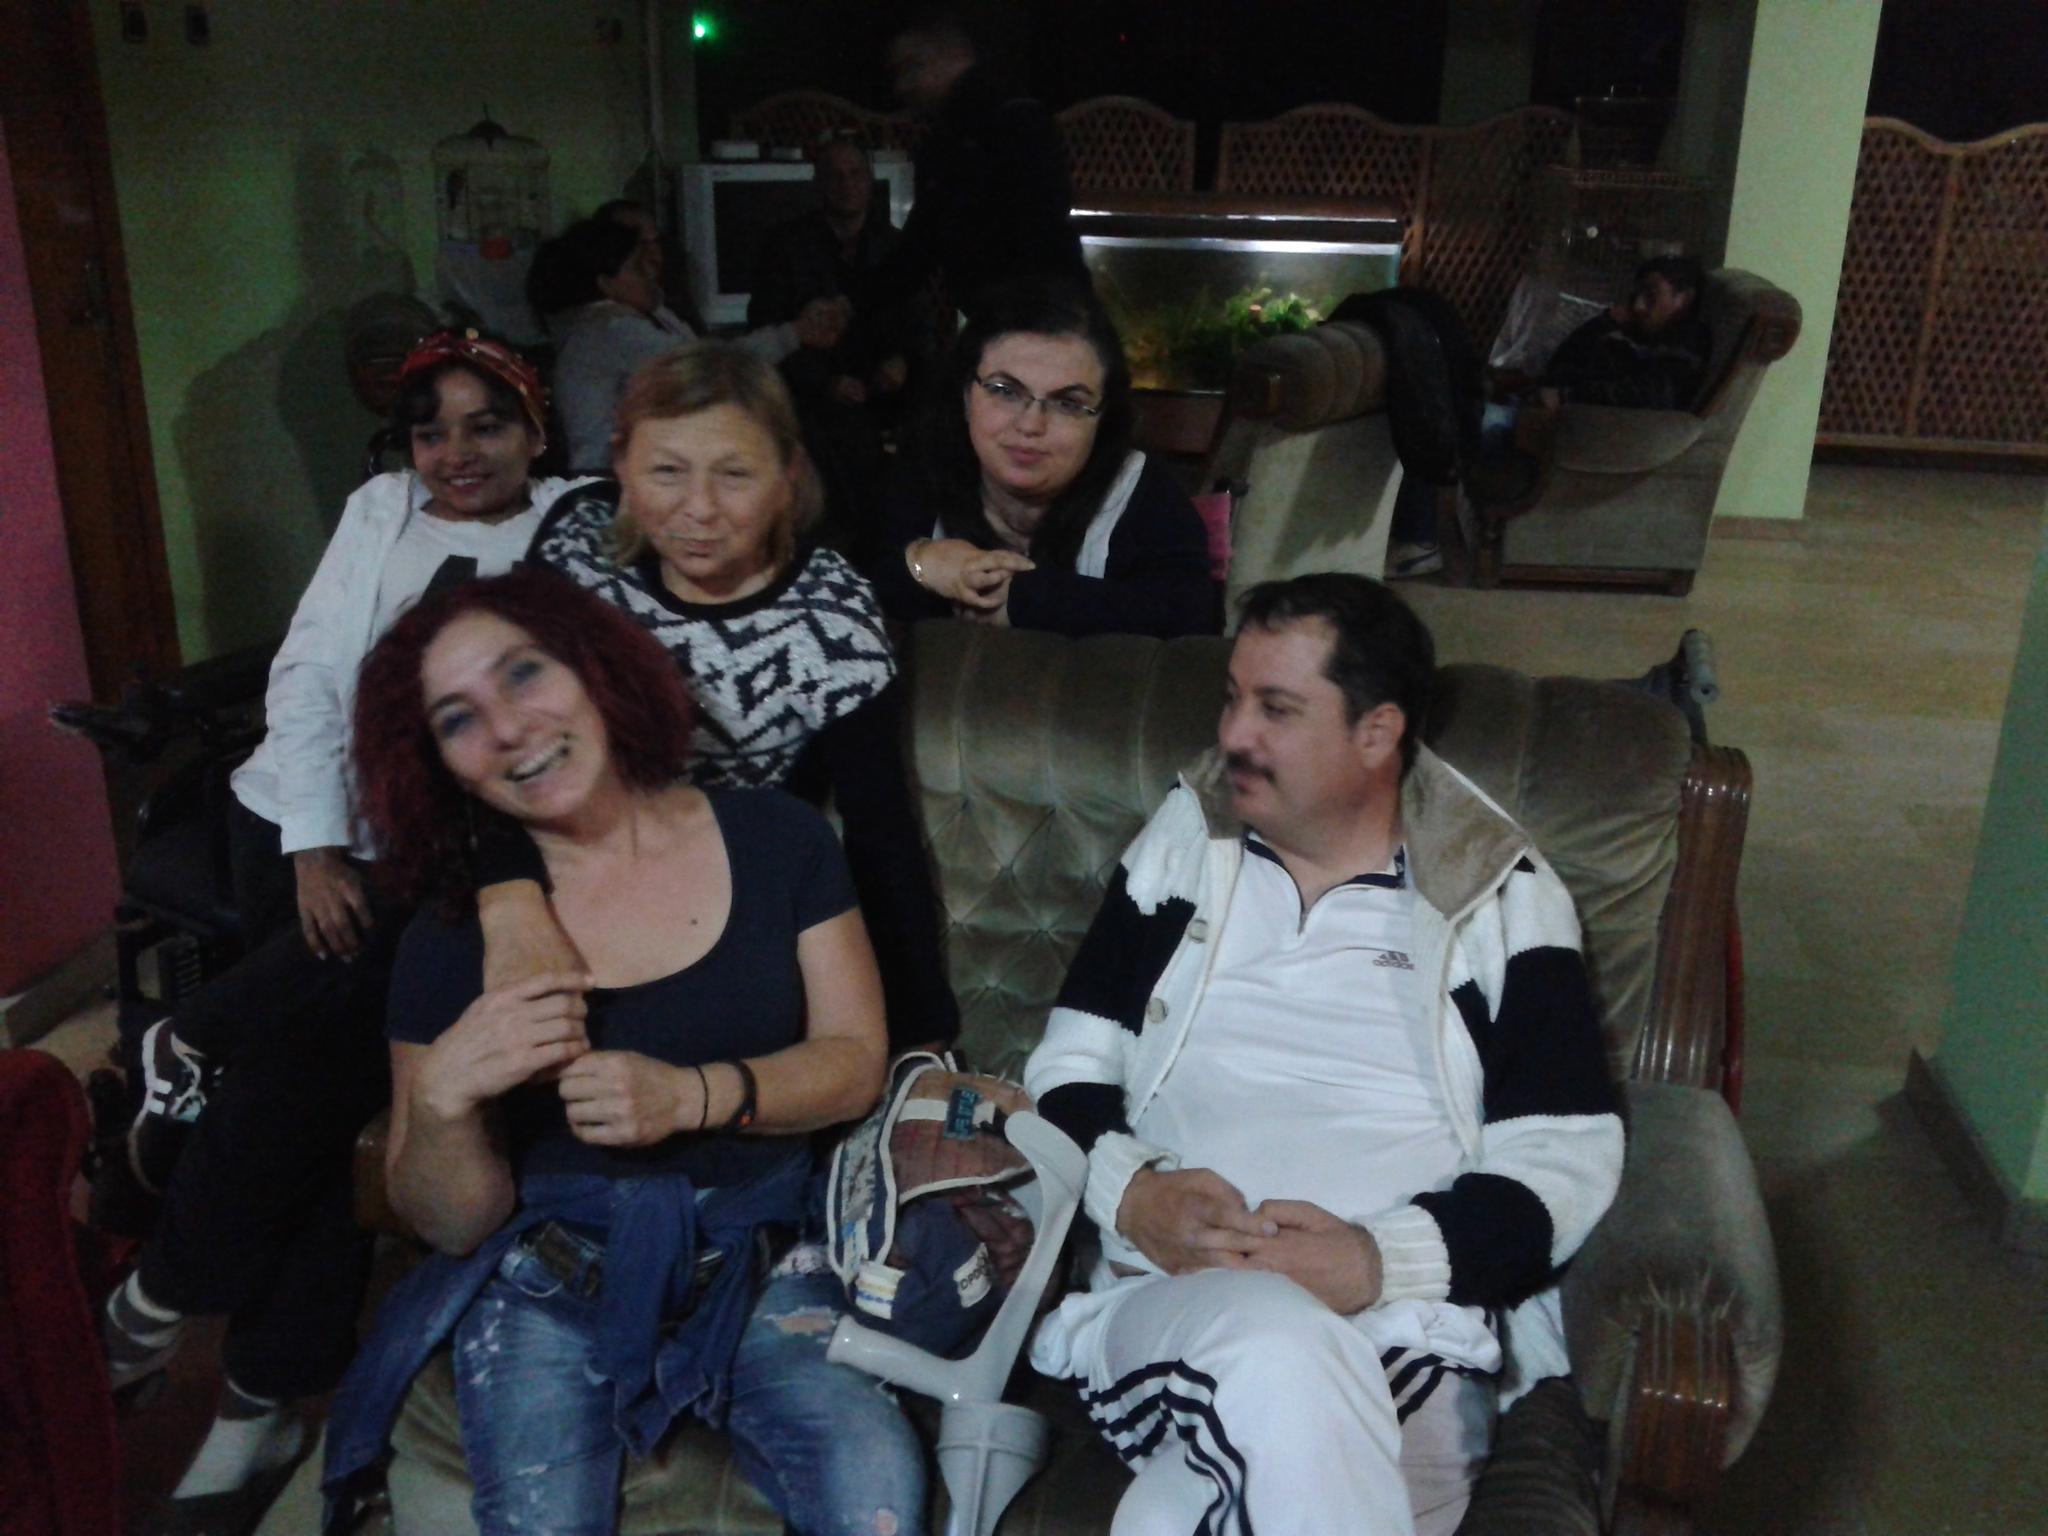 8ERVB1 - [Üye buluşması] İzmir Ödemiş'de buluşturuyoruz | 31 Ekim - 2 Kasım 2014